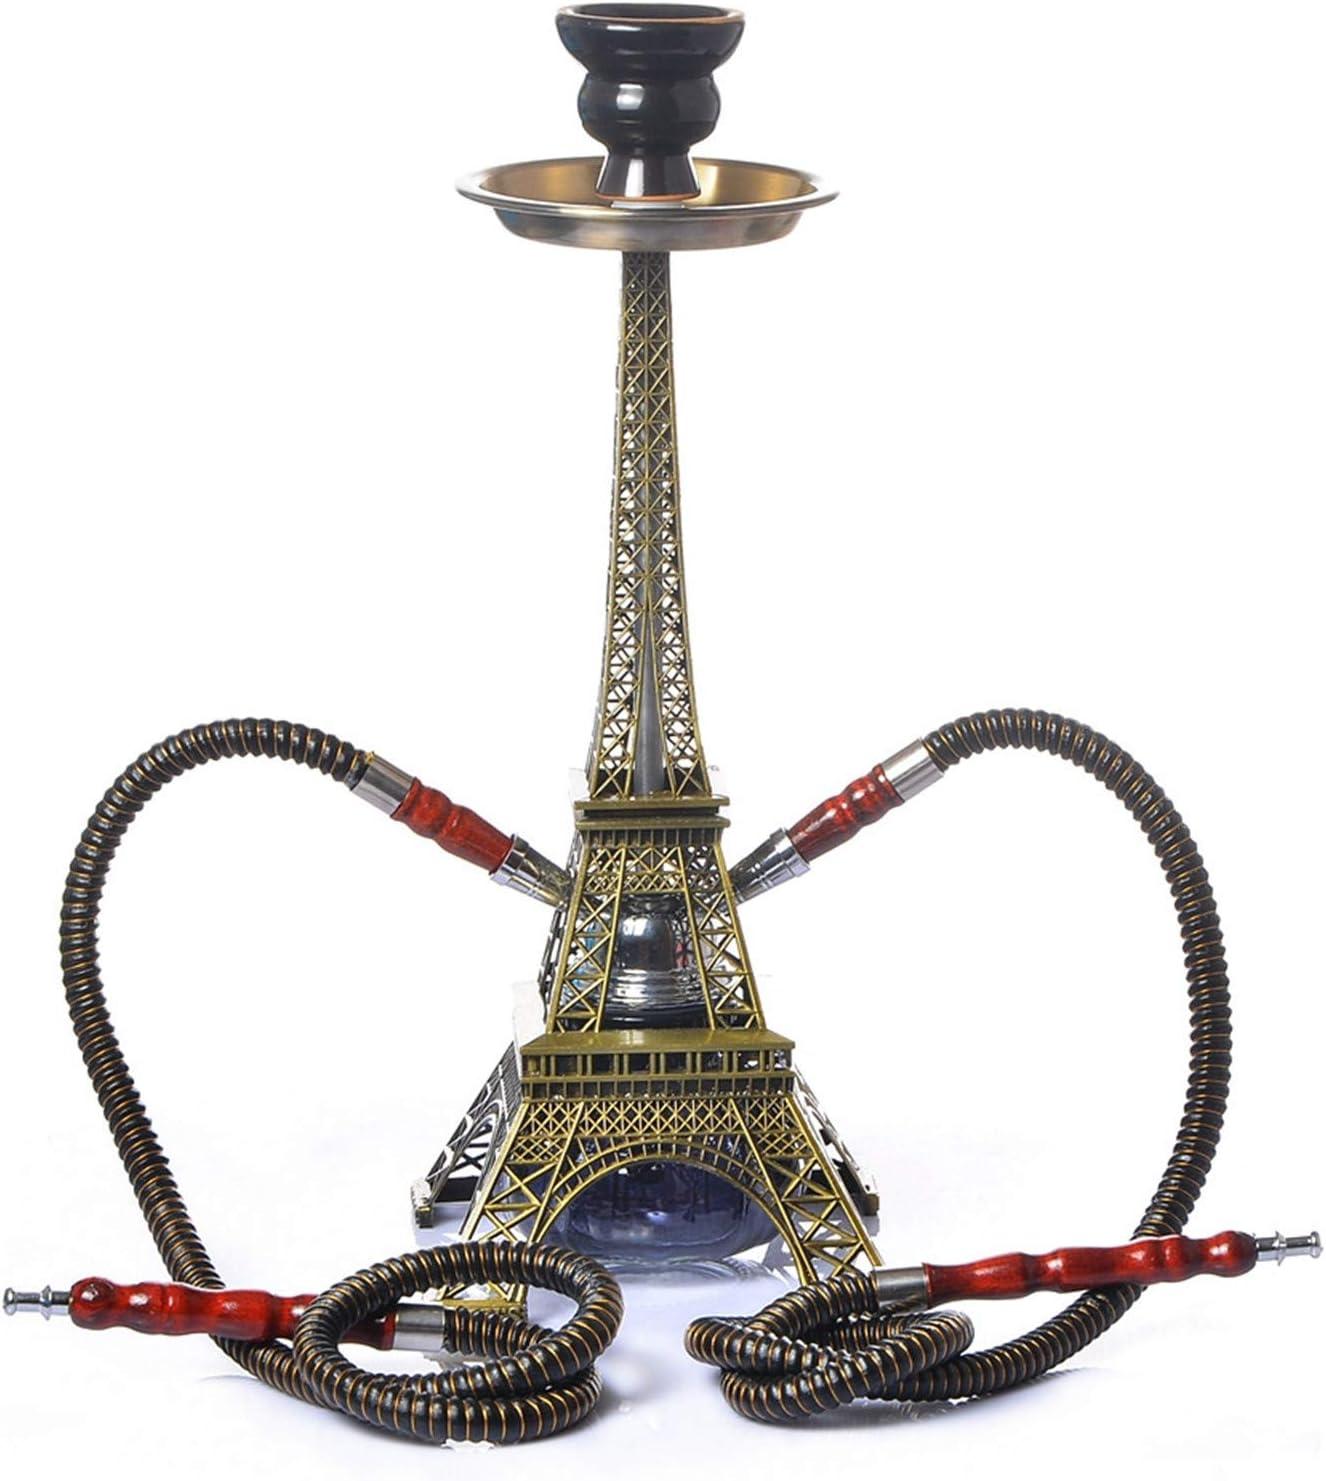 Juego de tuberías de Hookah Shisha, kit de forma de torre Eiffel con 2 mangueras de Hookah Shisha Hose Ceramic Bowl Abrazadera de carbón Conector de manguera Accesoreire, para bares Clubes Hoteles